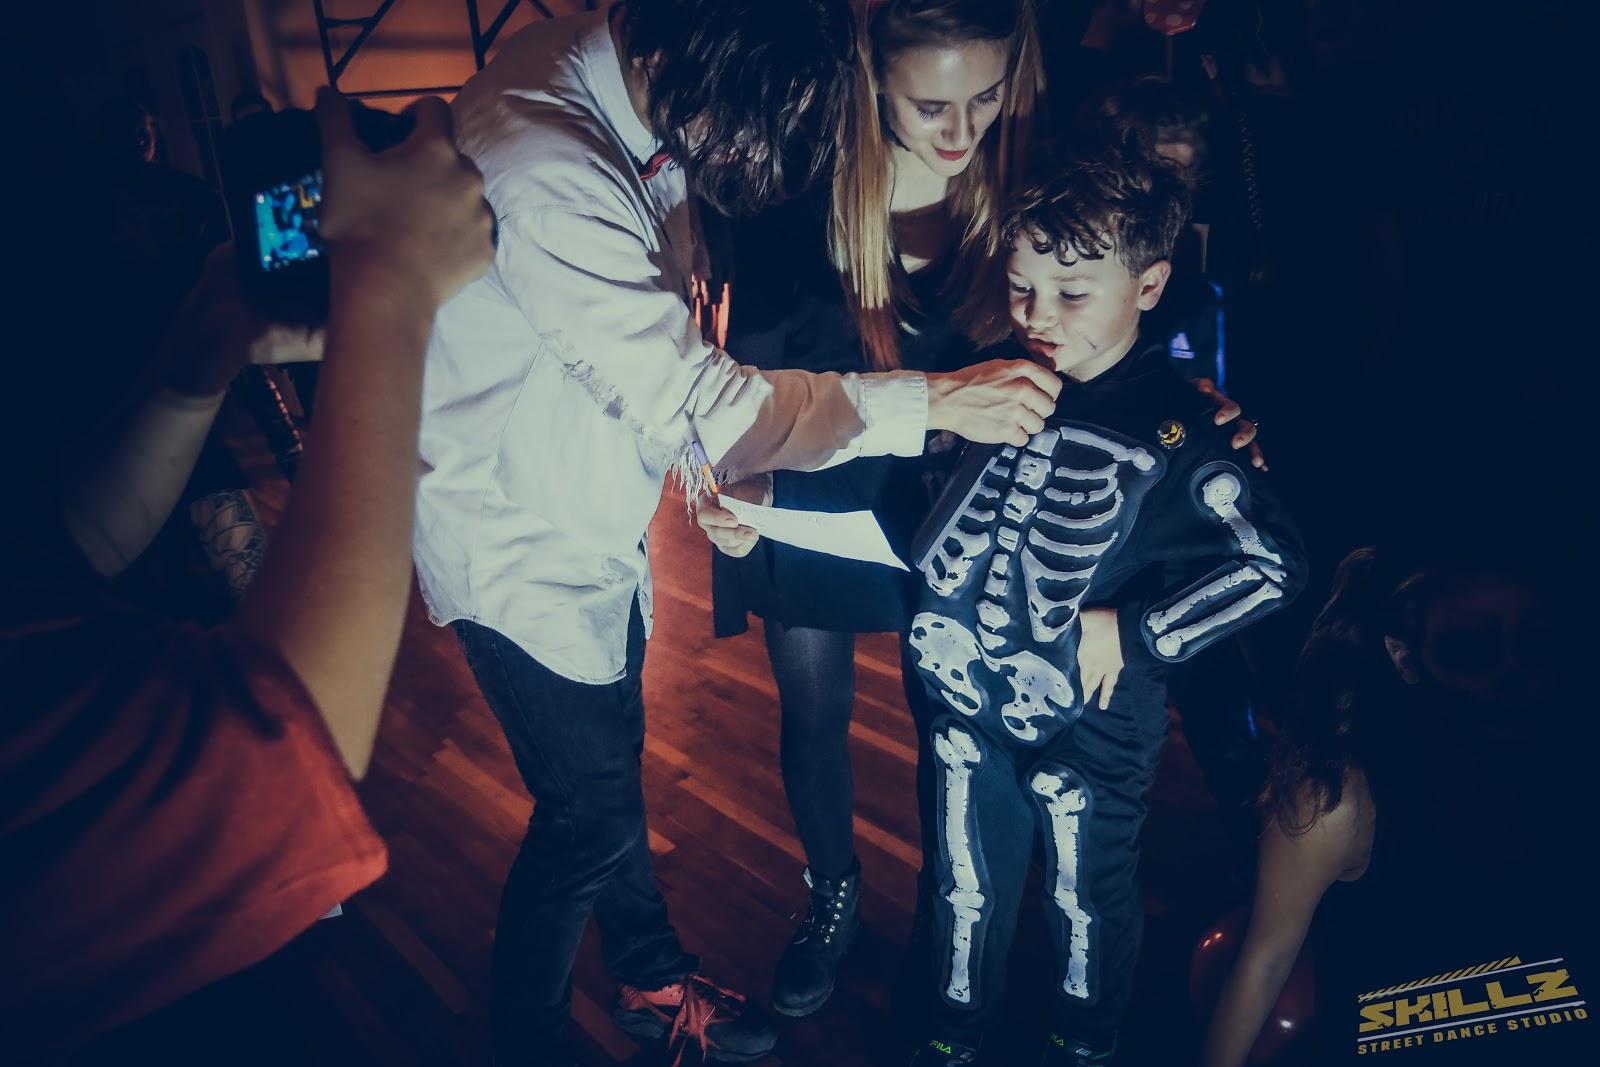 Naujikų krikštynos @SKILLZ (Halloween tema) - PANA2116.jpg